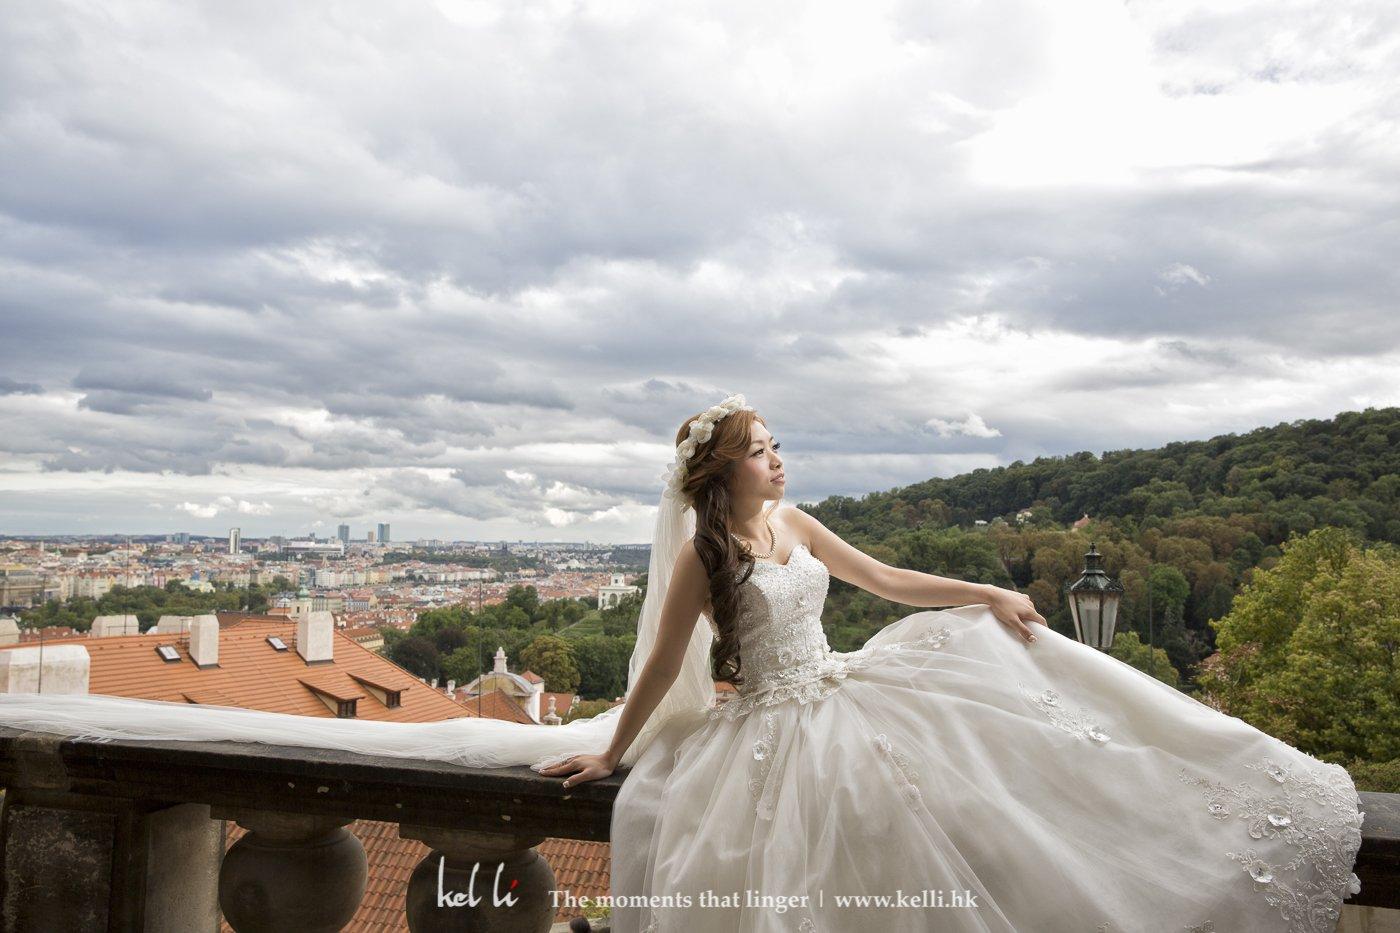 城堡上能一览布拉格全景